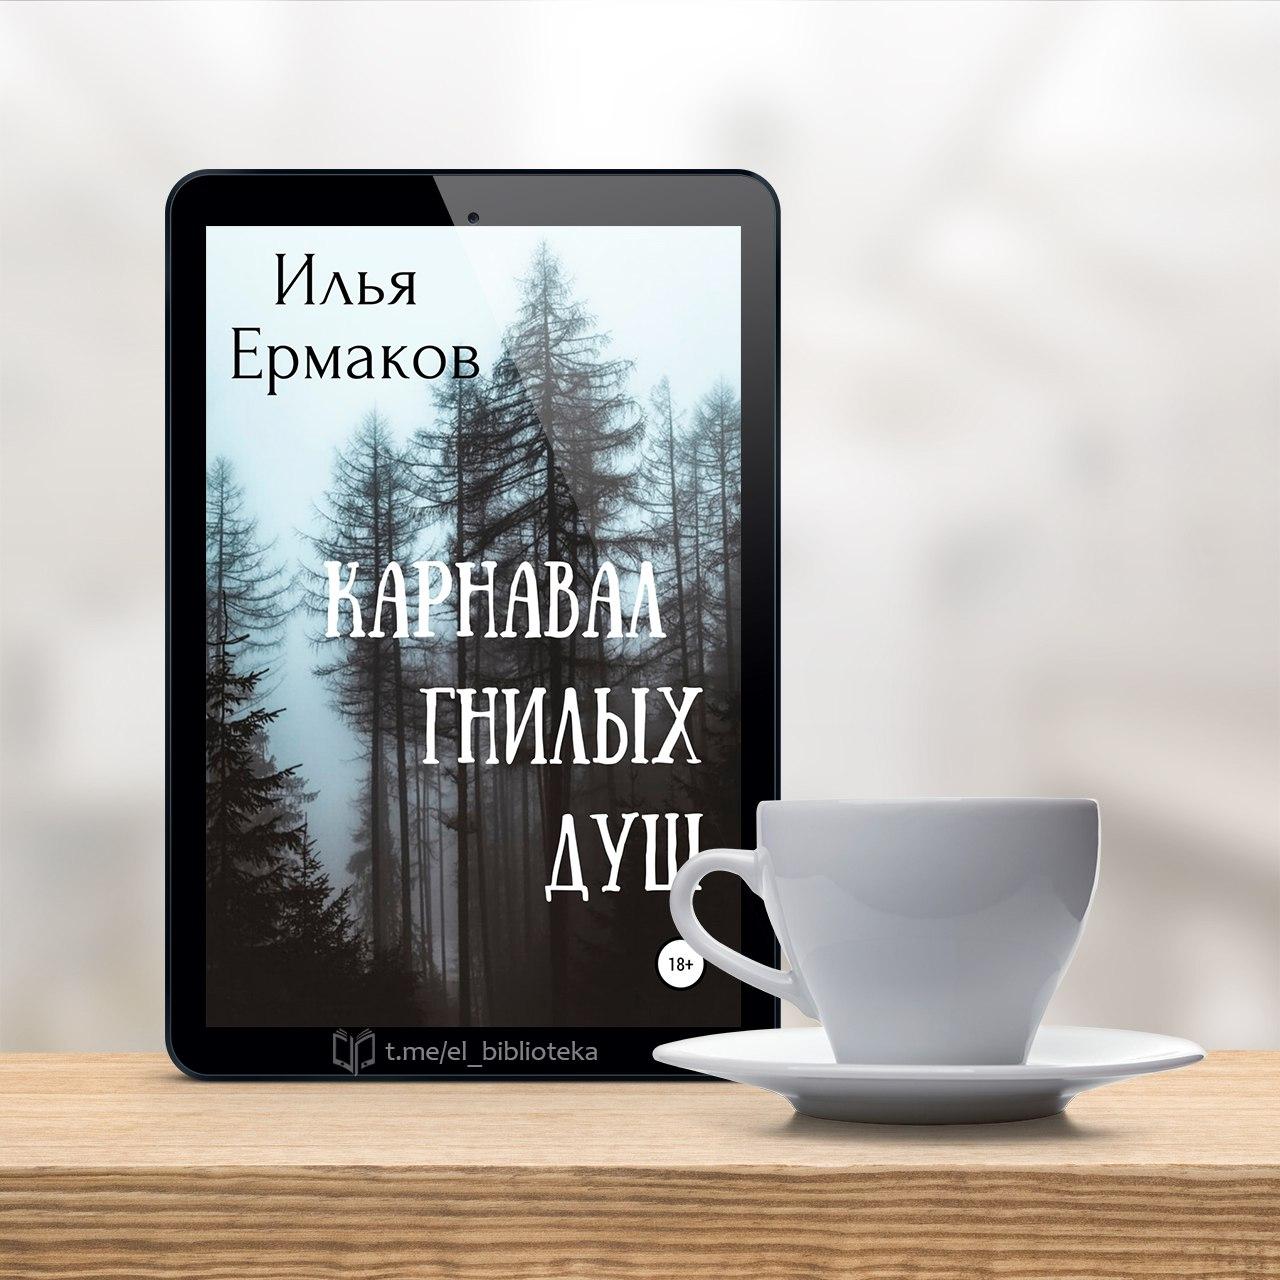  Карнавал гнилых душ  Автор:  Ермаков_Илья  Год издания: 2020   Жанр(ы):...